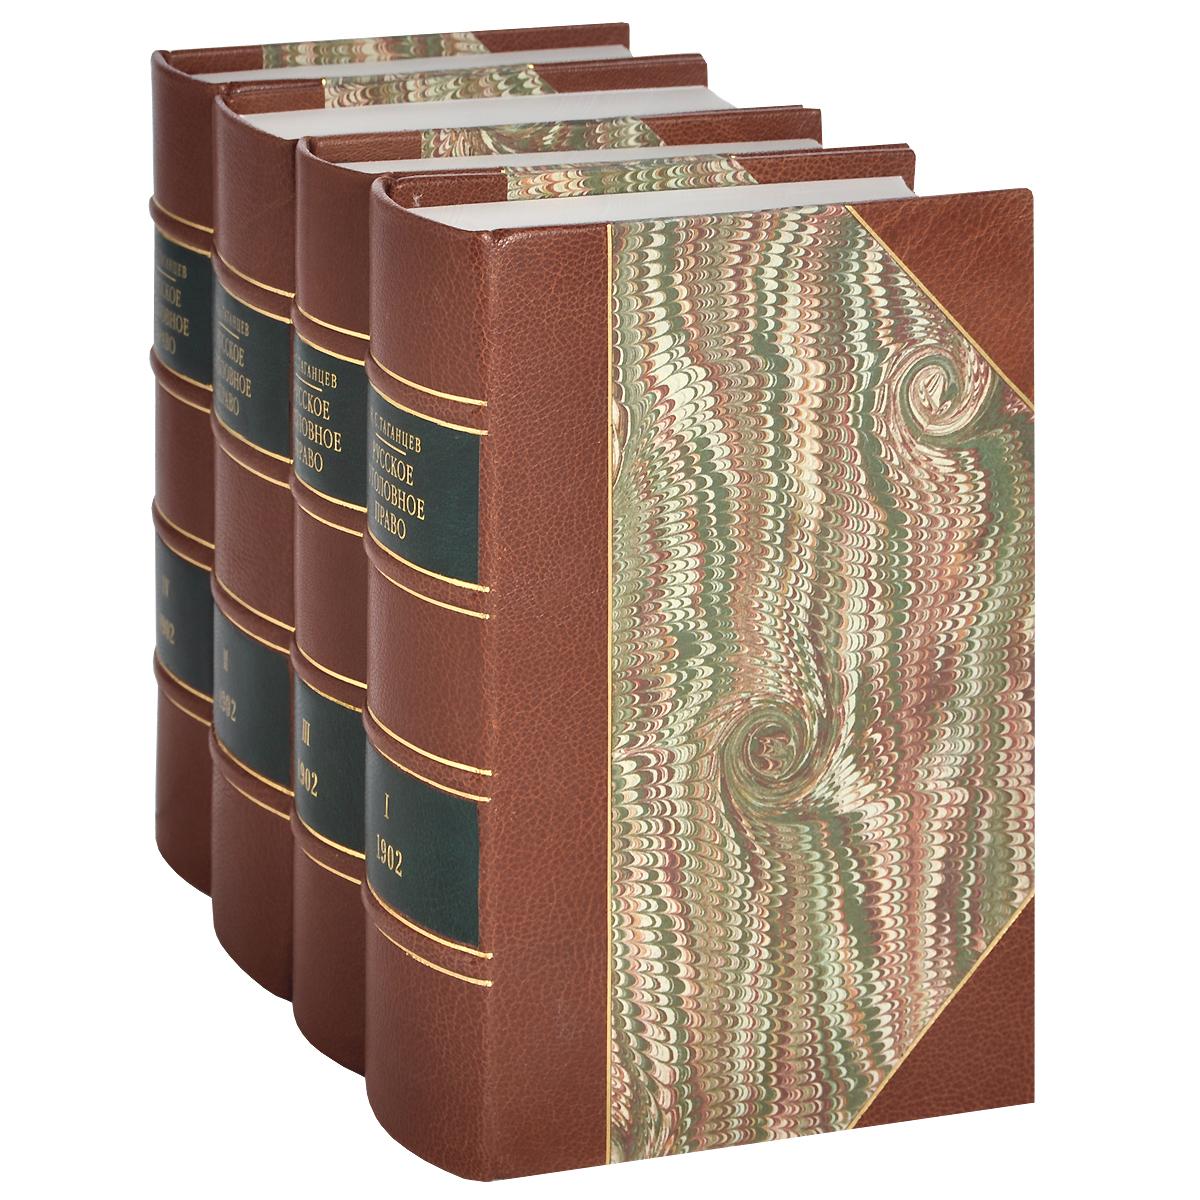 Н. С. Таганцев Русское уголовное право. В 4 томах (эксклюзивный подарочный комплект)